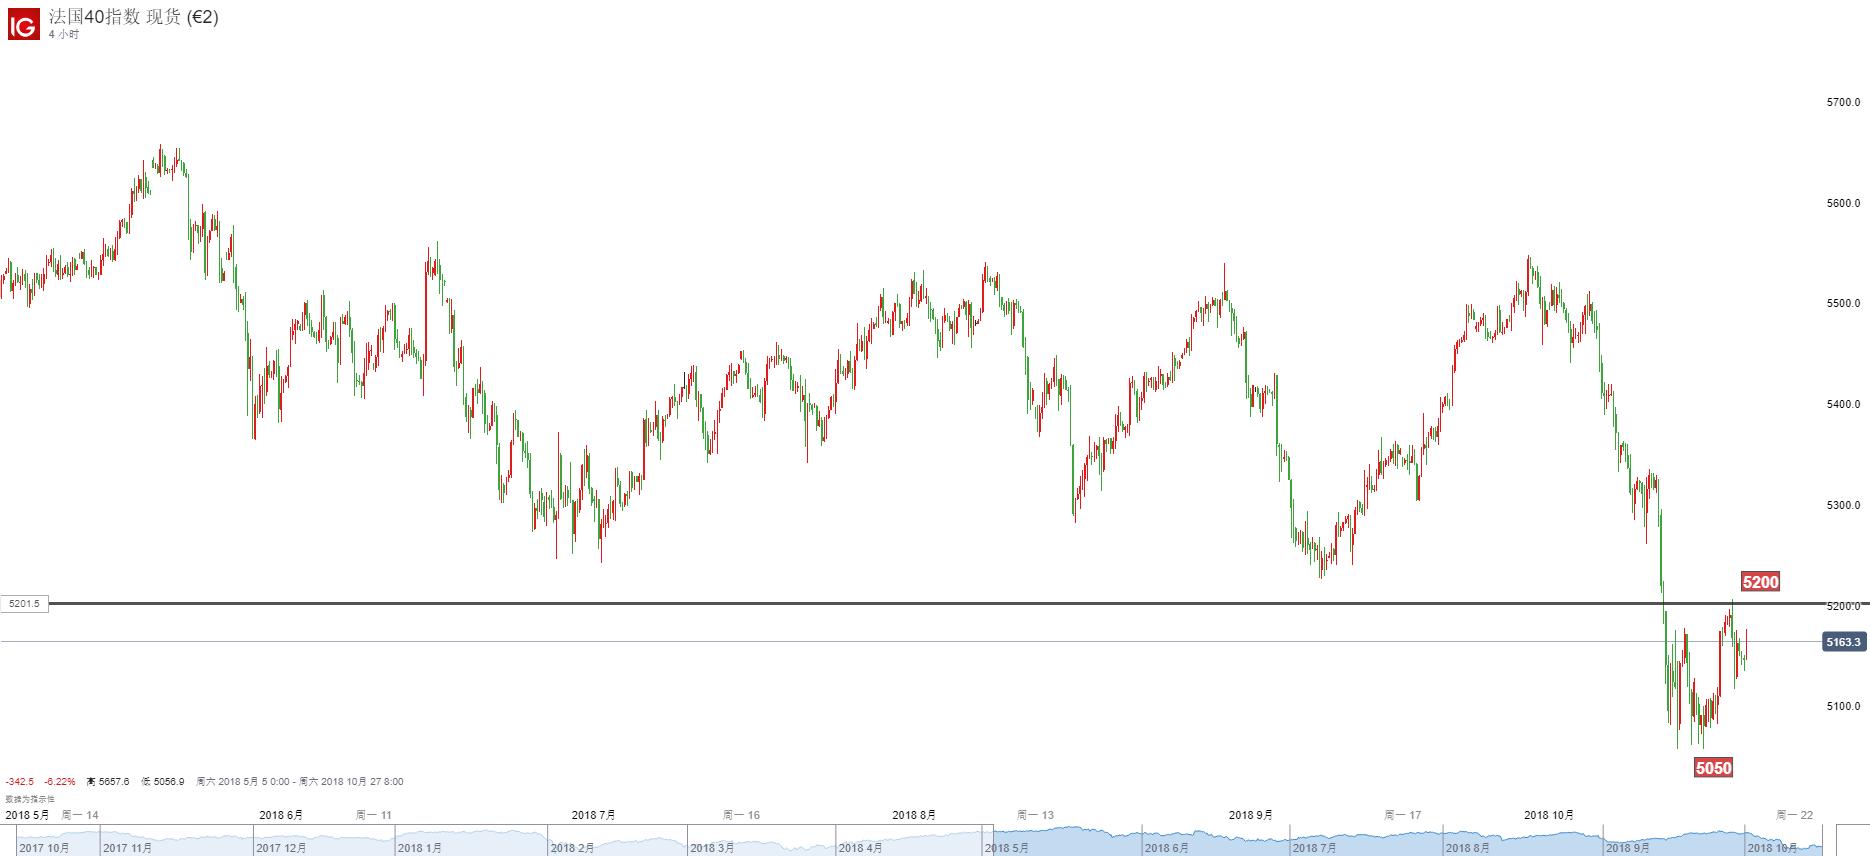 歐洲股指:歐洲斯托克50、德國DAX30、英國富時100、法國CAC40走勢分析(10月18日)